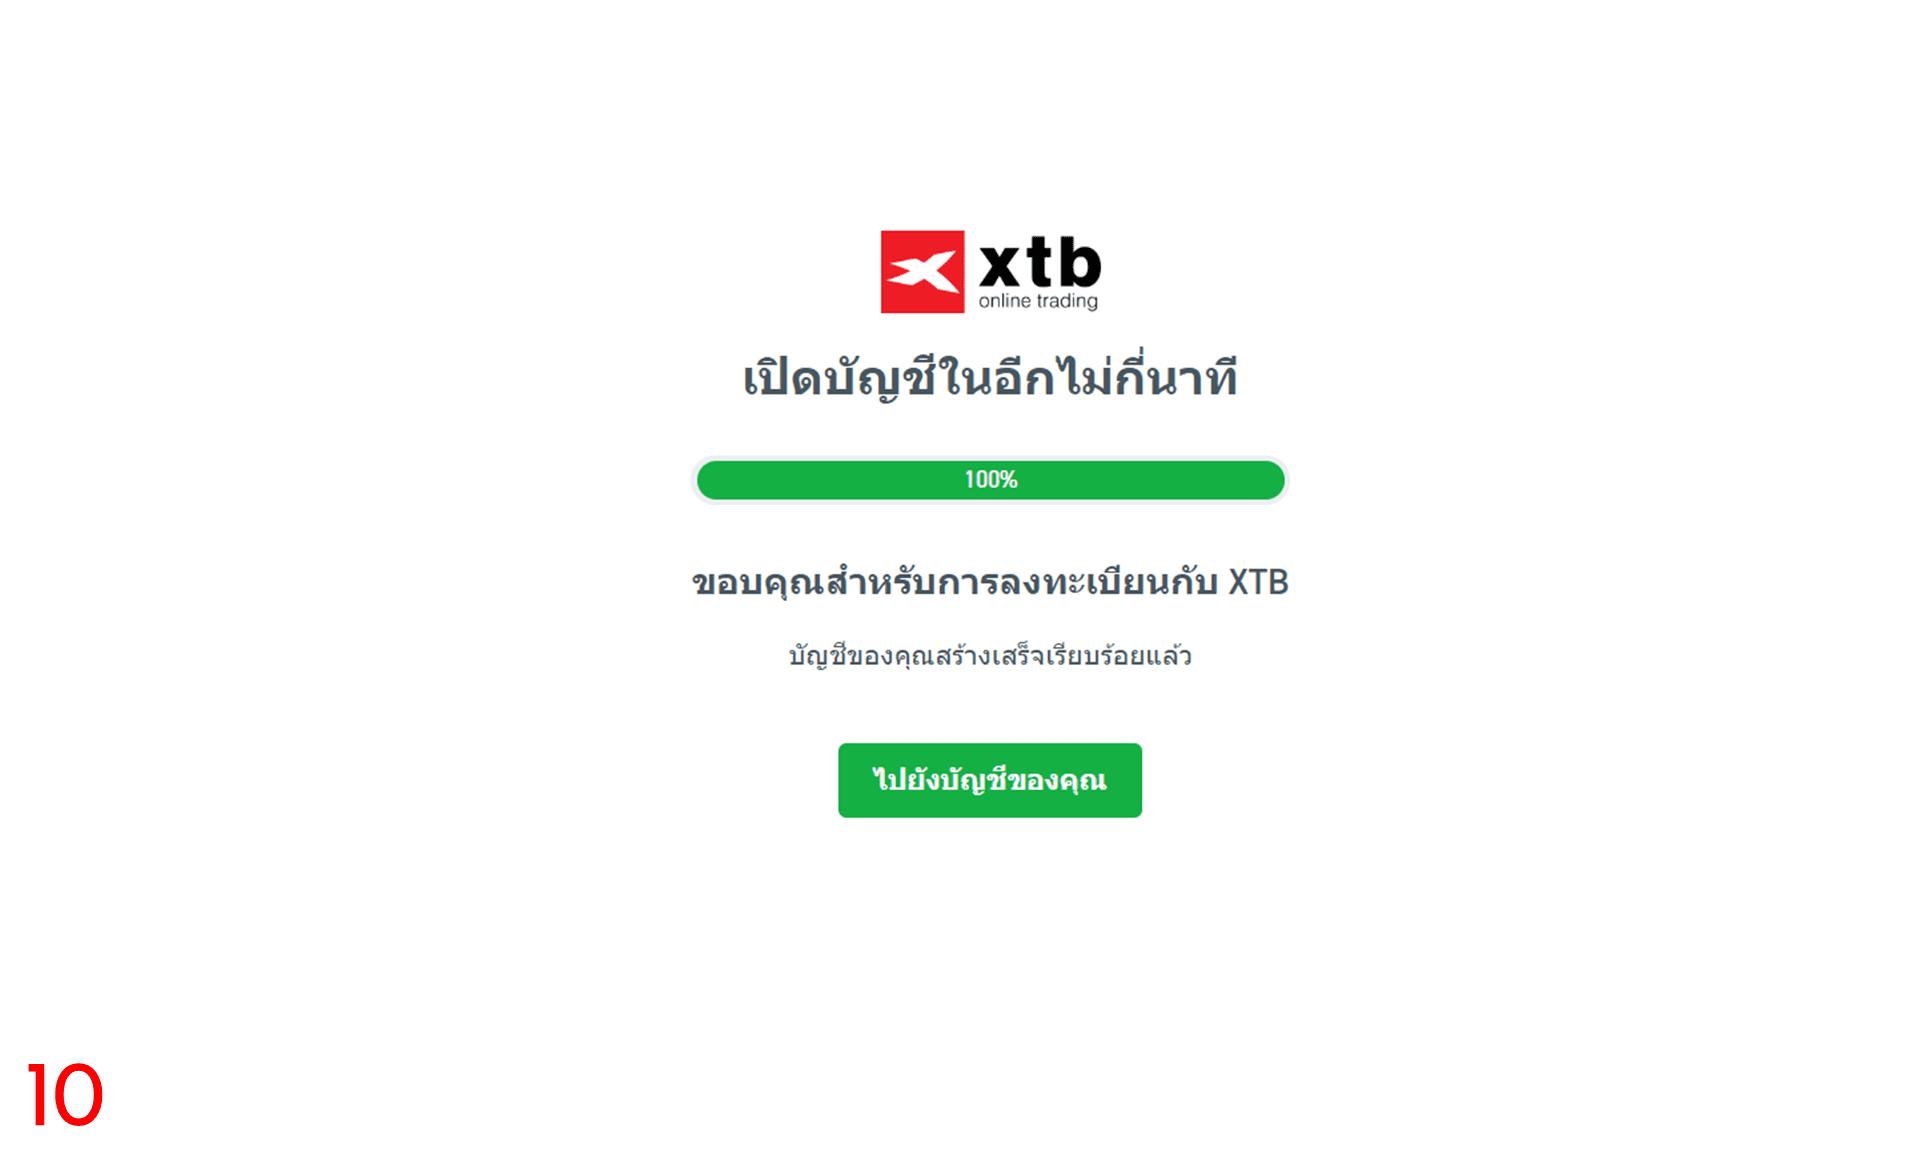 เปิดบัญชี XTB 11